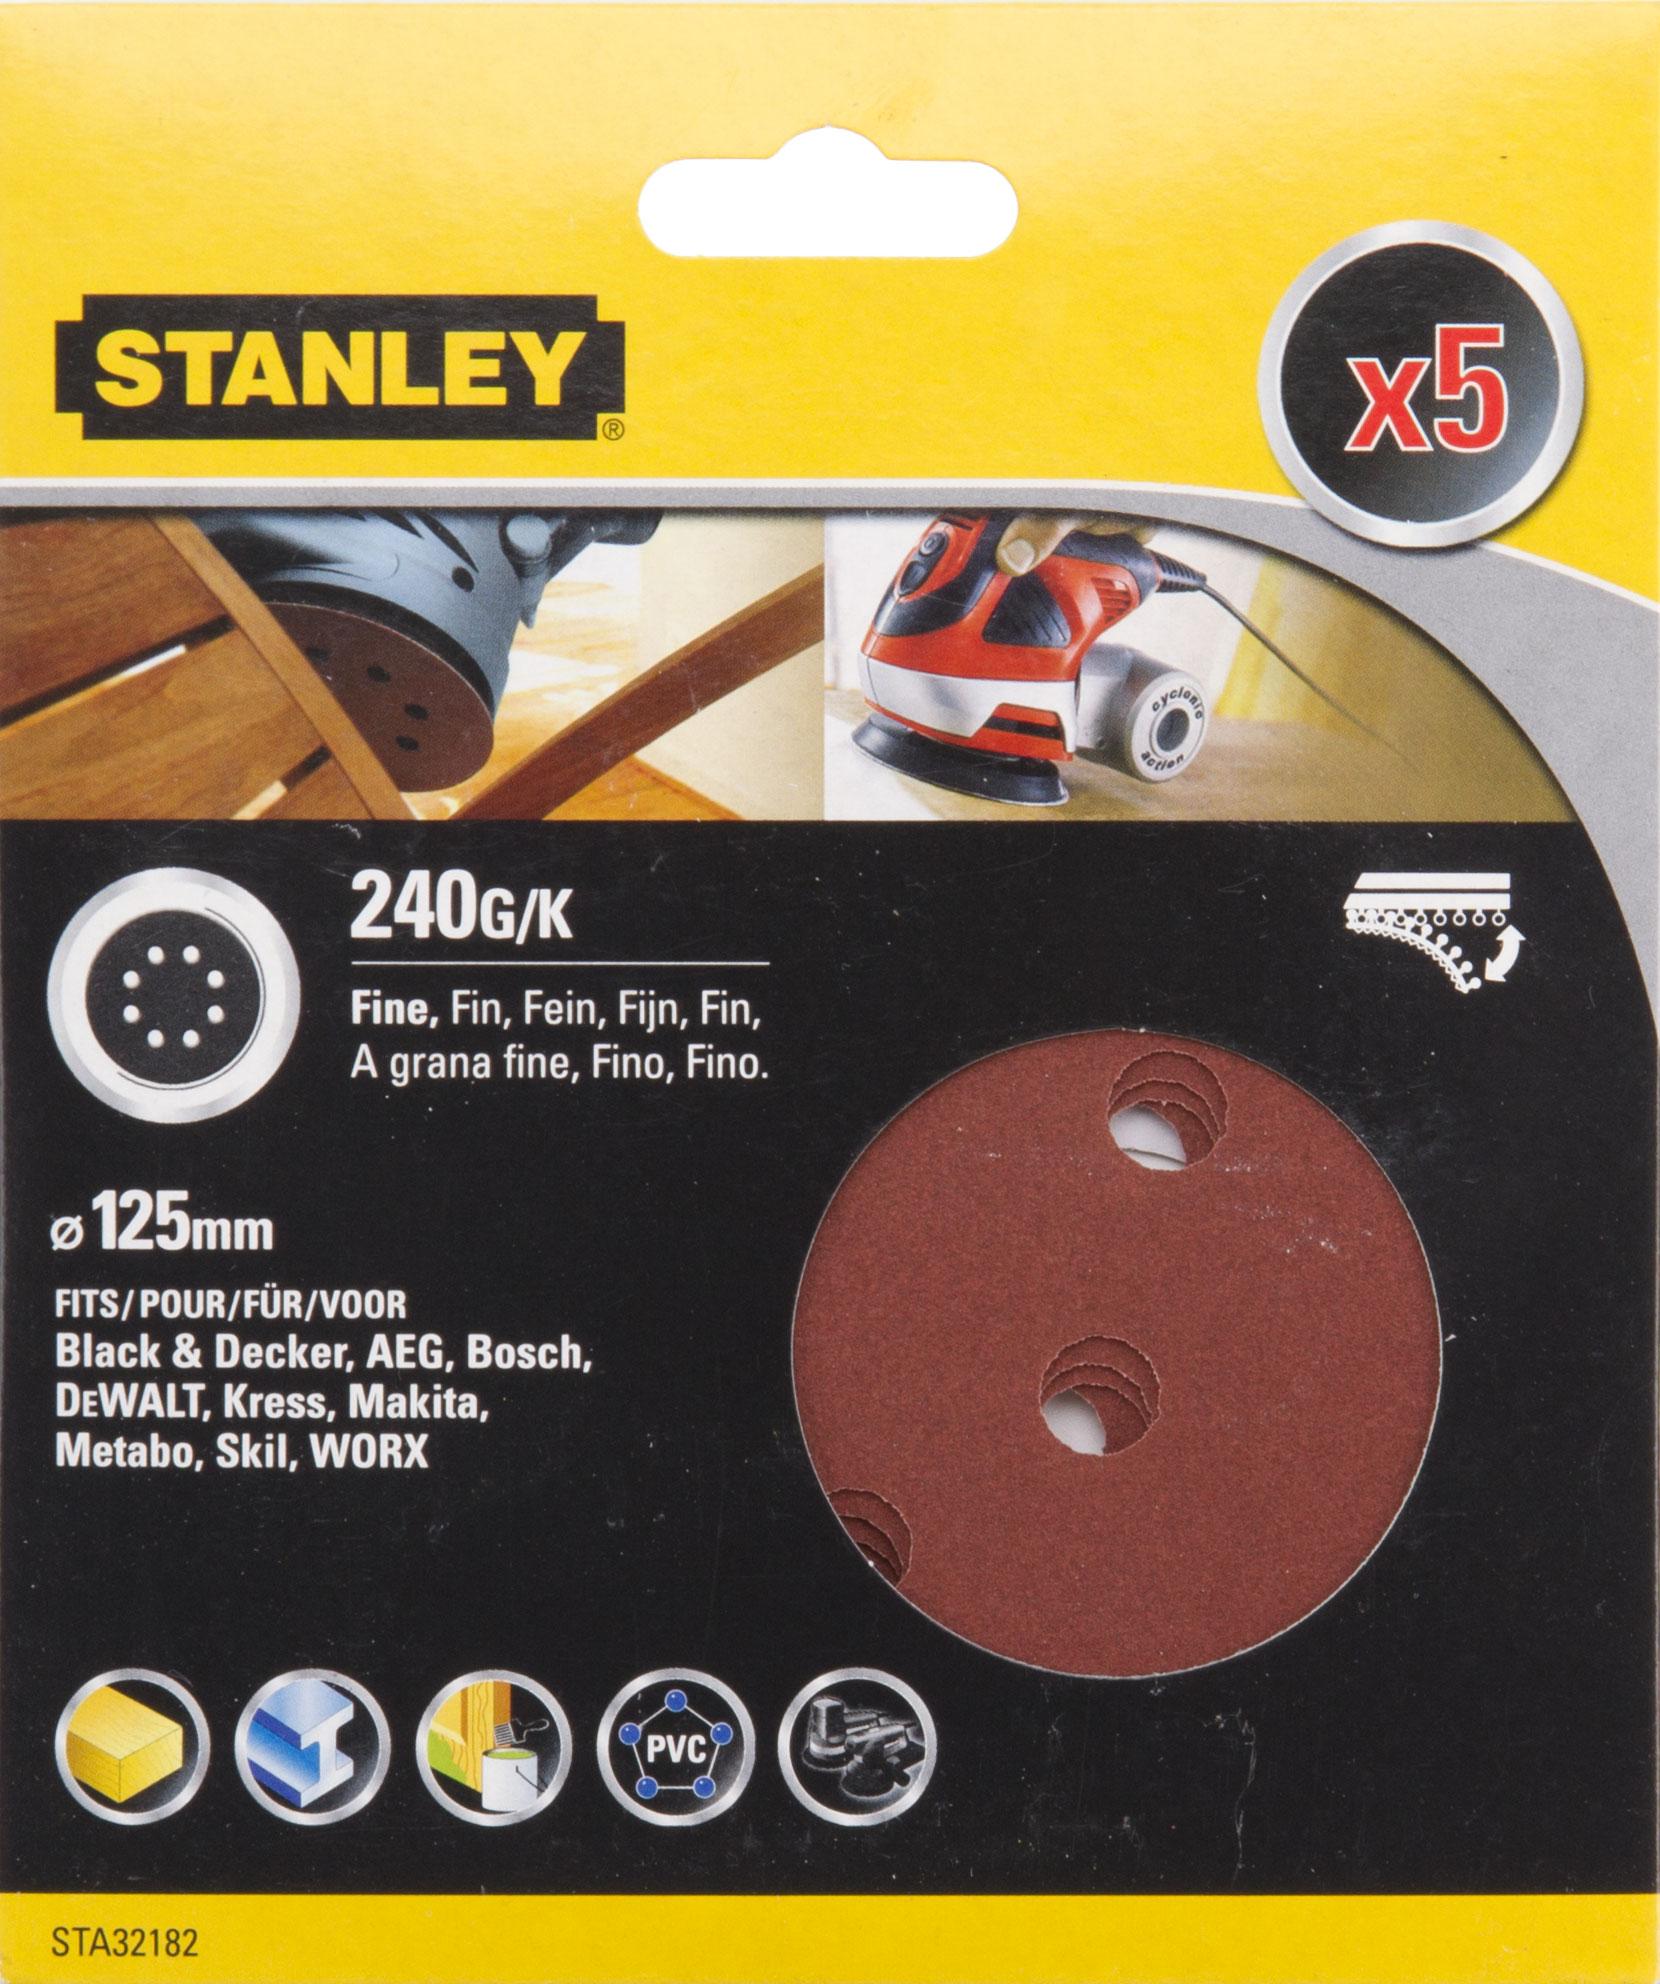 Цеплялка (для ЭШМ) Stanley Sta32182-xj цеплялка для эшм hammer flex 125 мм 8 отв р 240 5шт